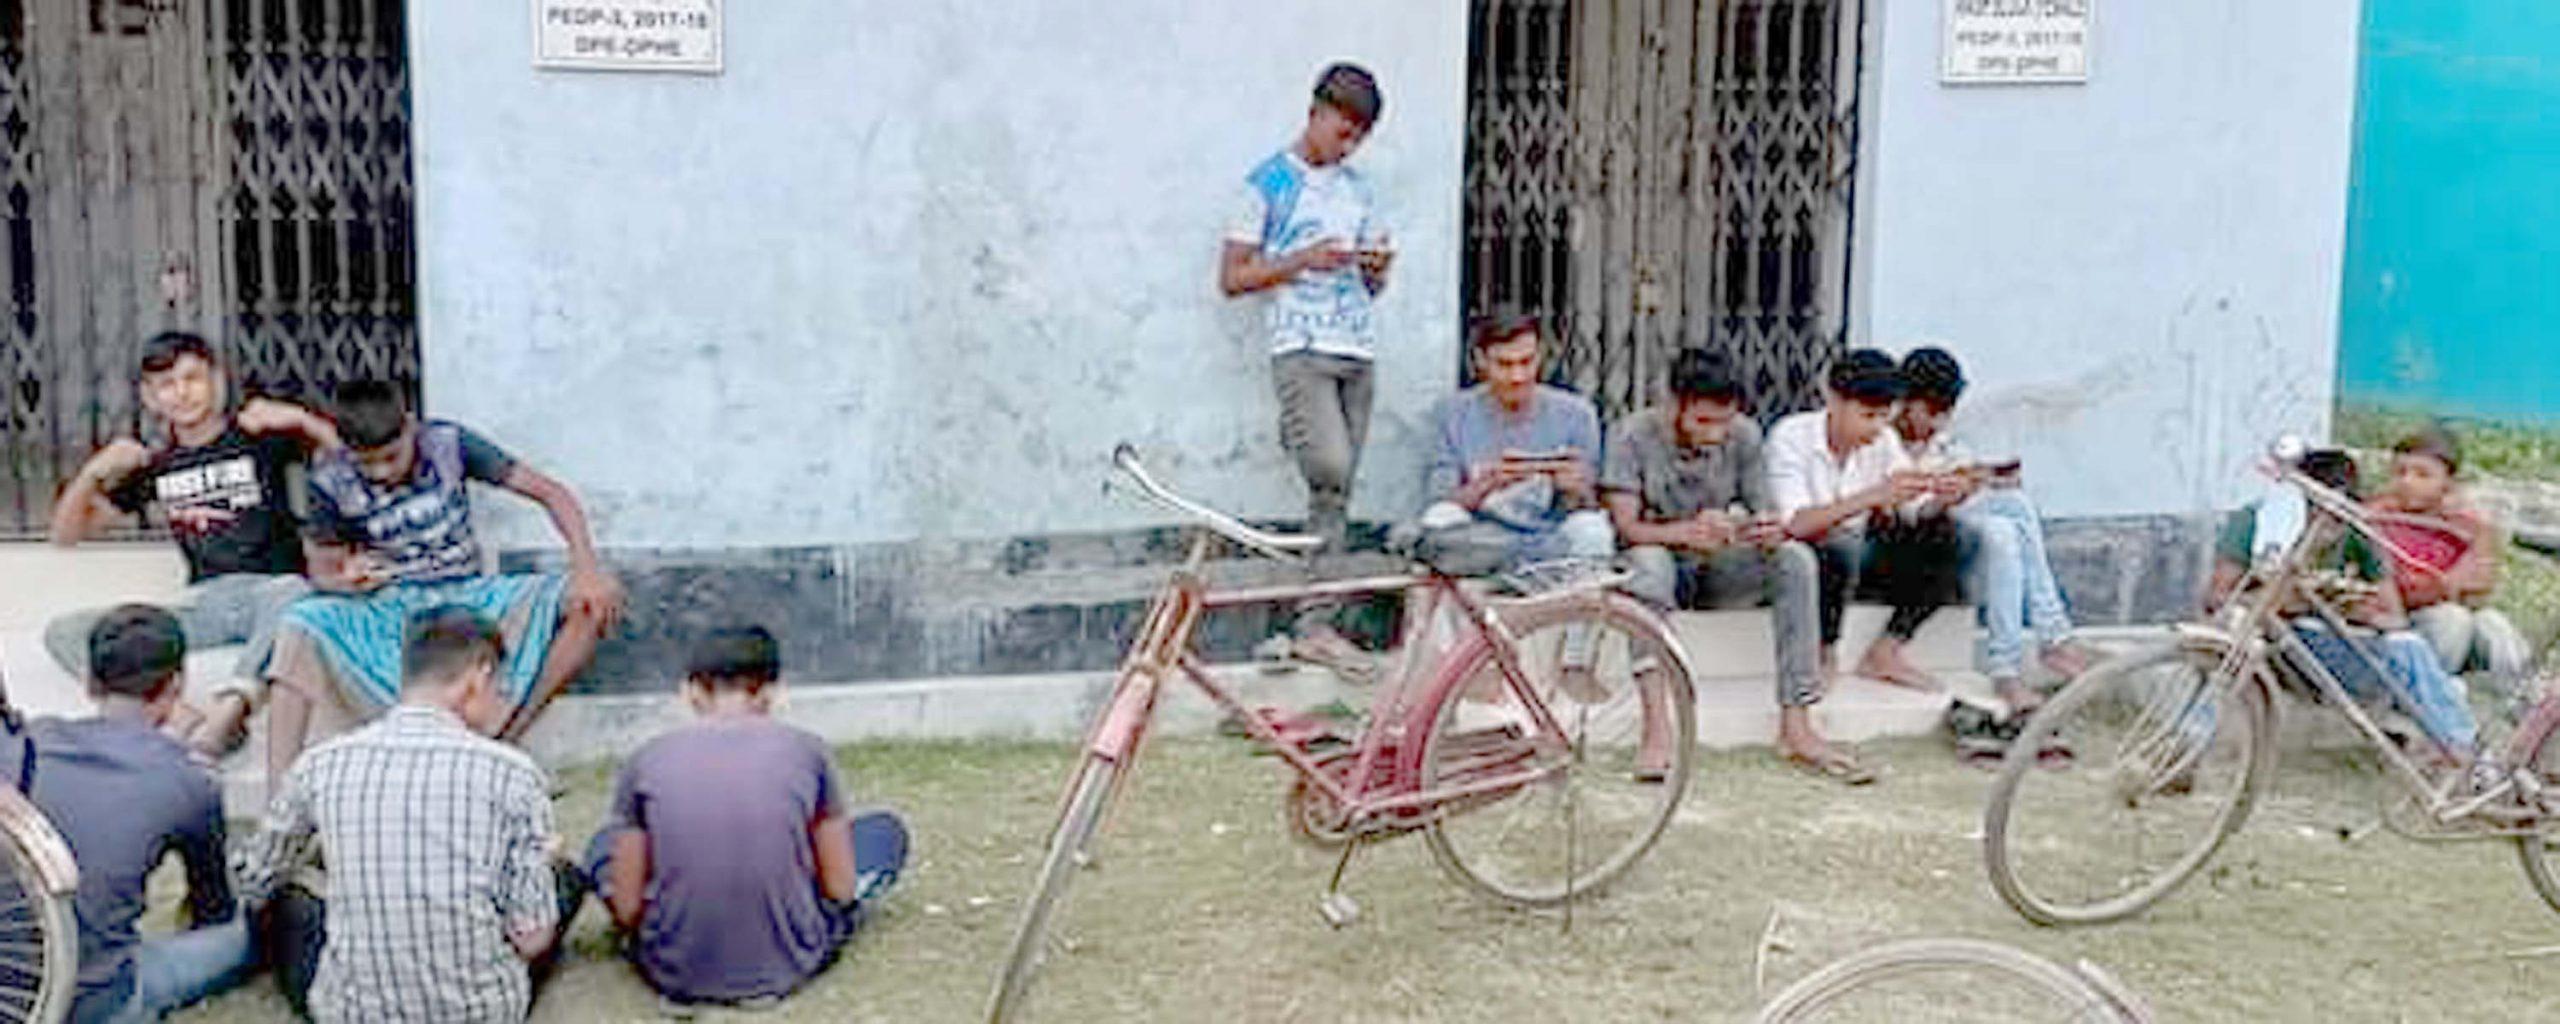 শিশু-কিশোররা ঝুকে পড়ছে মোবাইল গেম আসক্তিতে